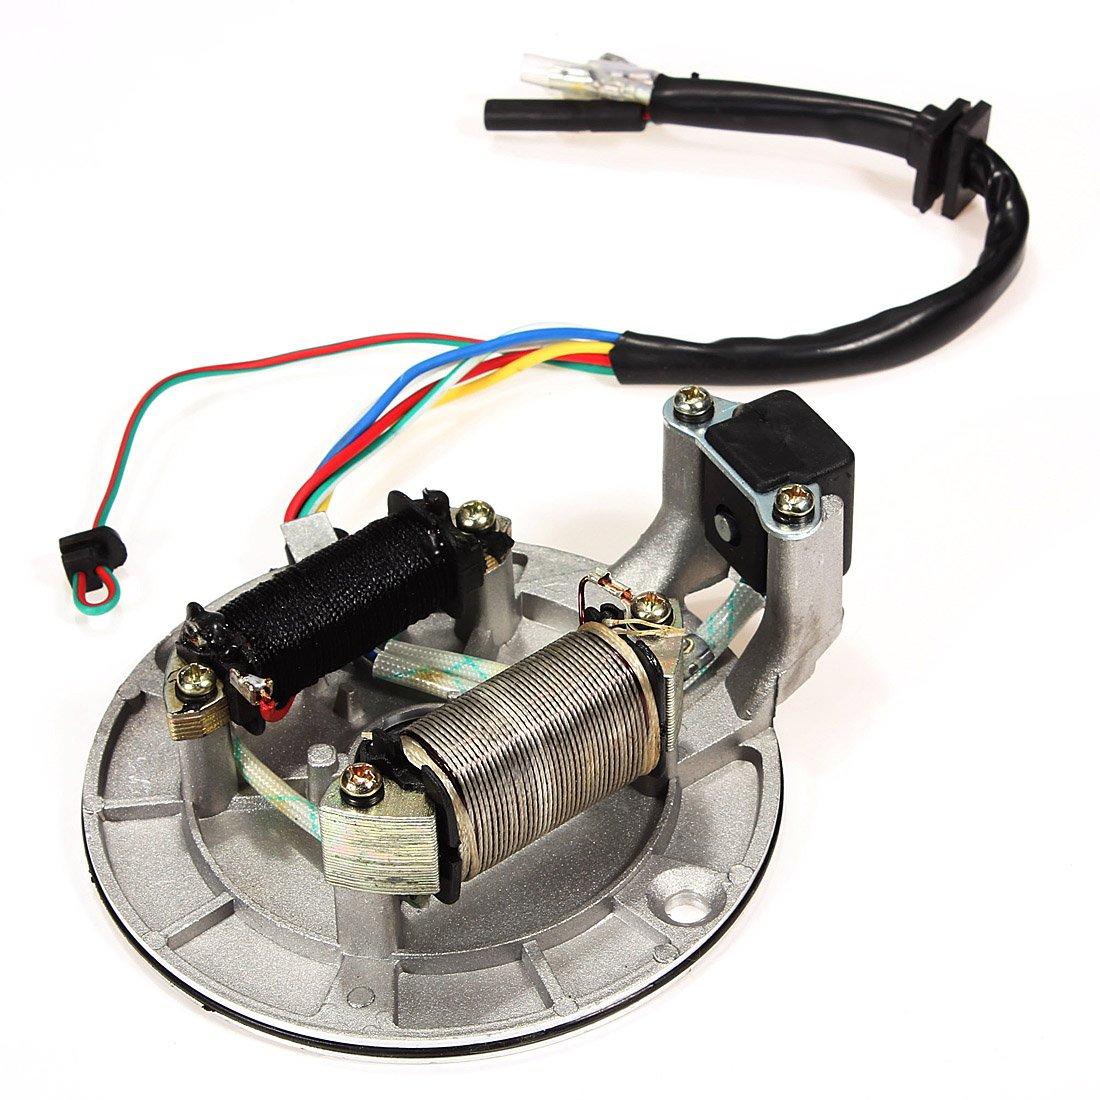 Schema Elettrico Quad Cinese : Lifan cc wiring diagram